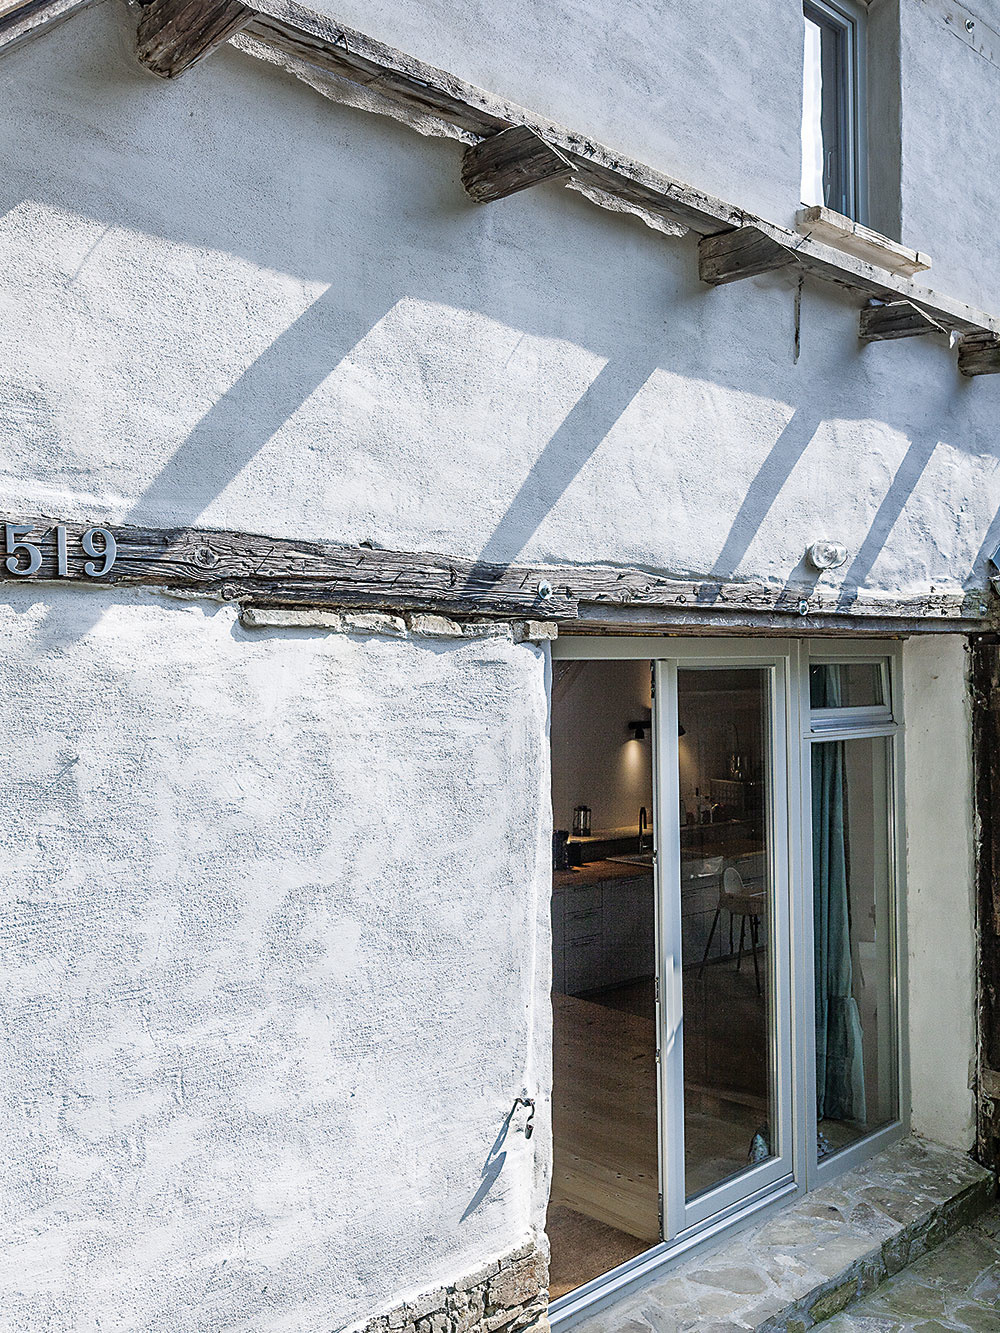 Hlinené múry stodoly boli zachovalé, atak sa búranie otvorov na okná advere zaobišlo aj napriek prvotným obavám majiteľov bez väčších problémov.